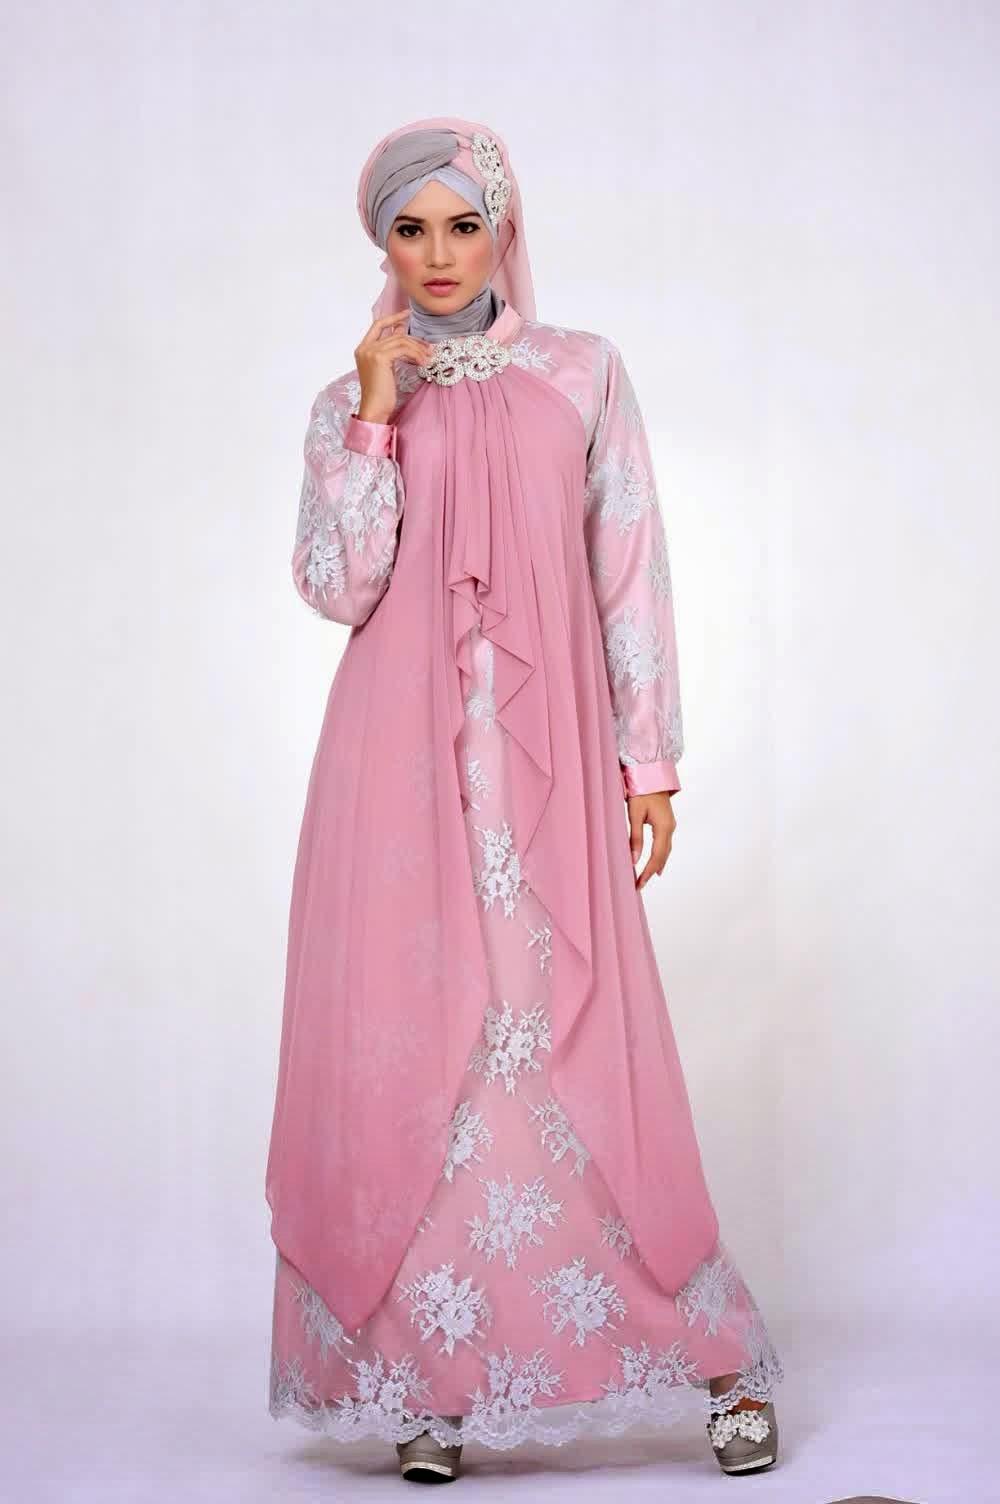 10 contoh model baju muslim brokat terbaru 2015 Gambar baju gamis pesta 2014